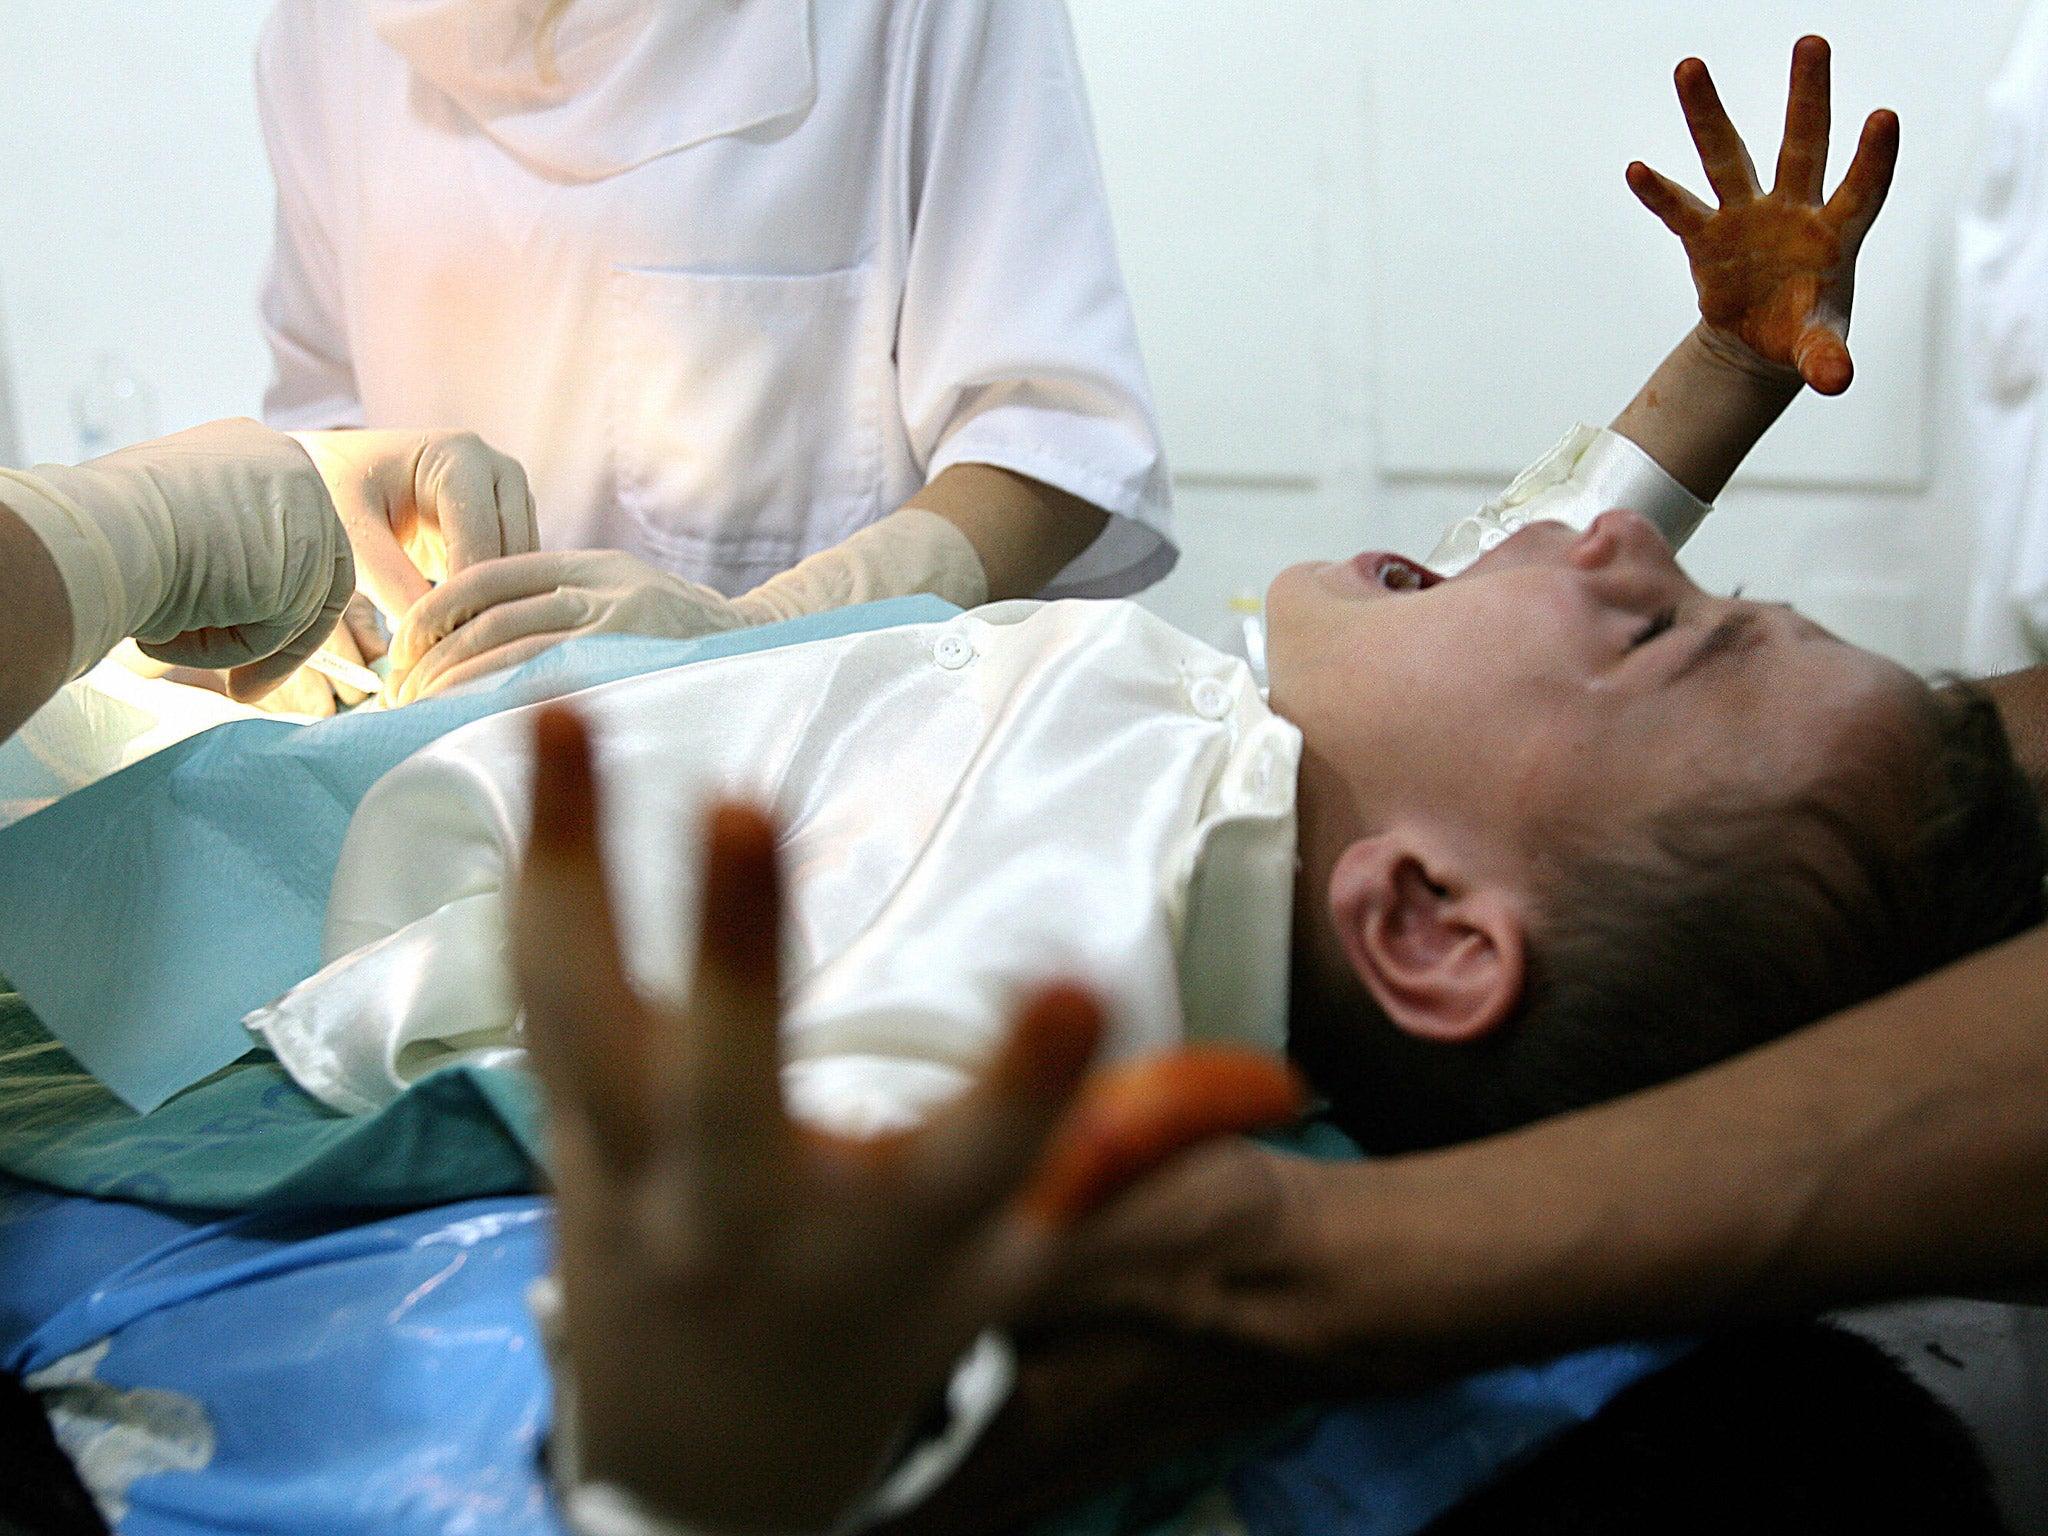 Circumcizie - Wikipedia